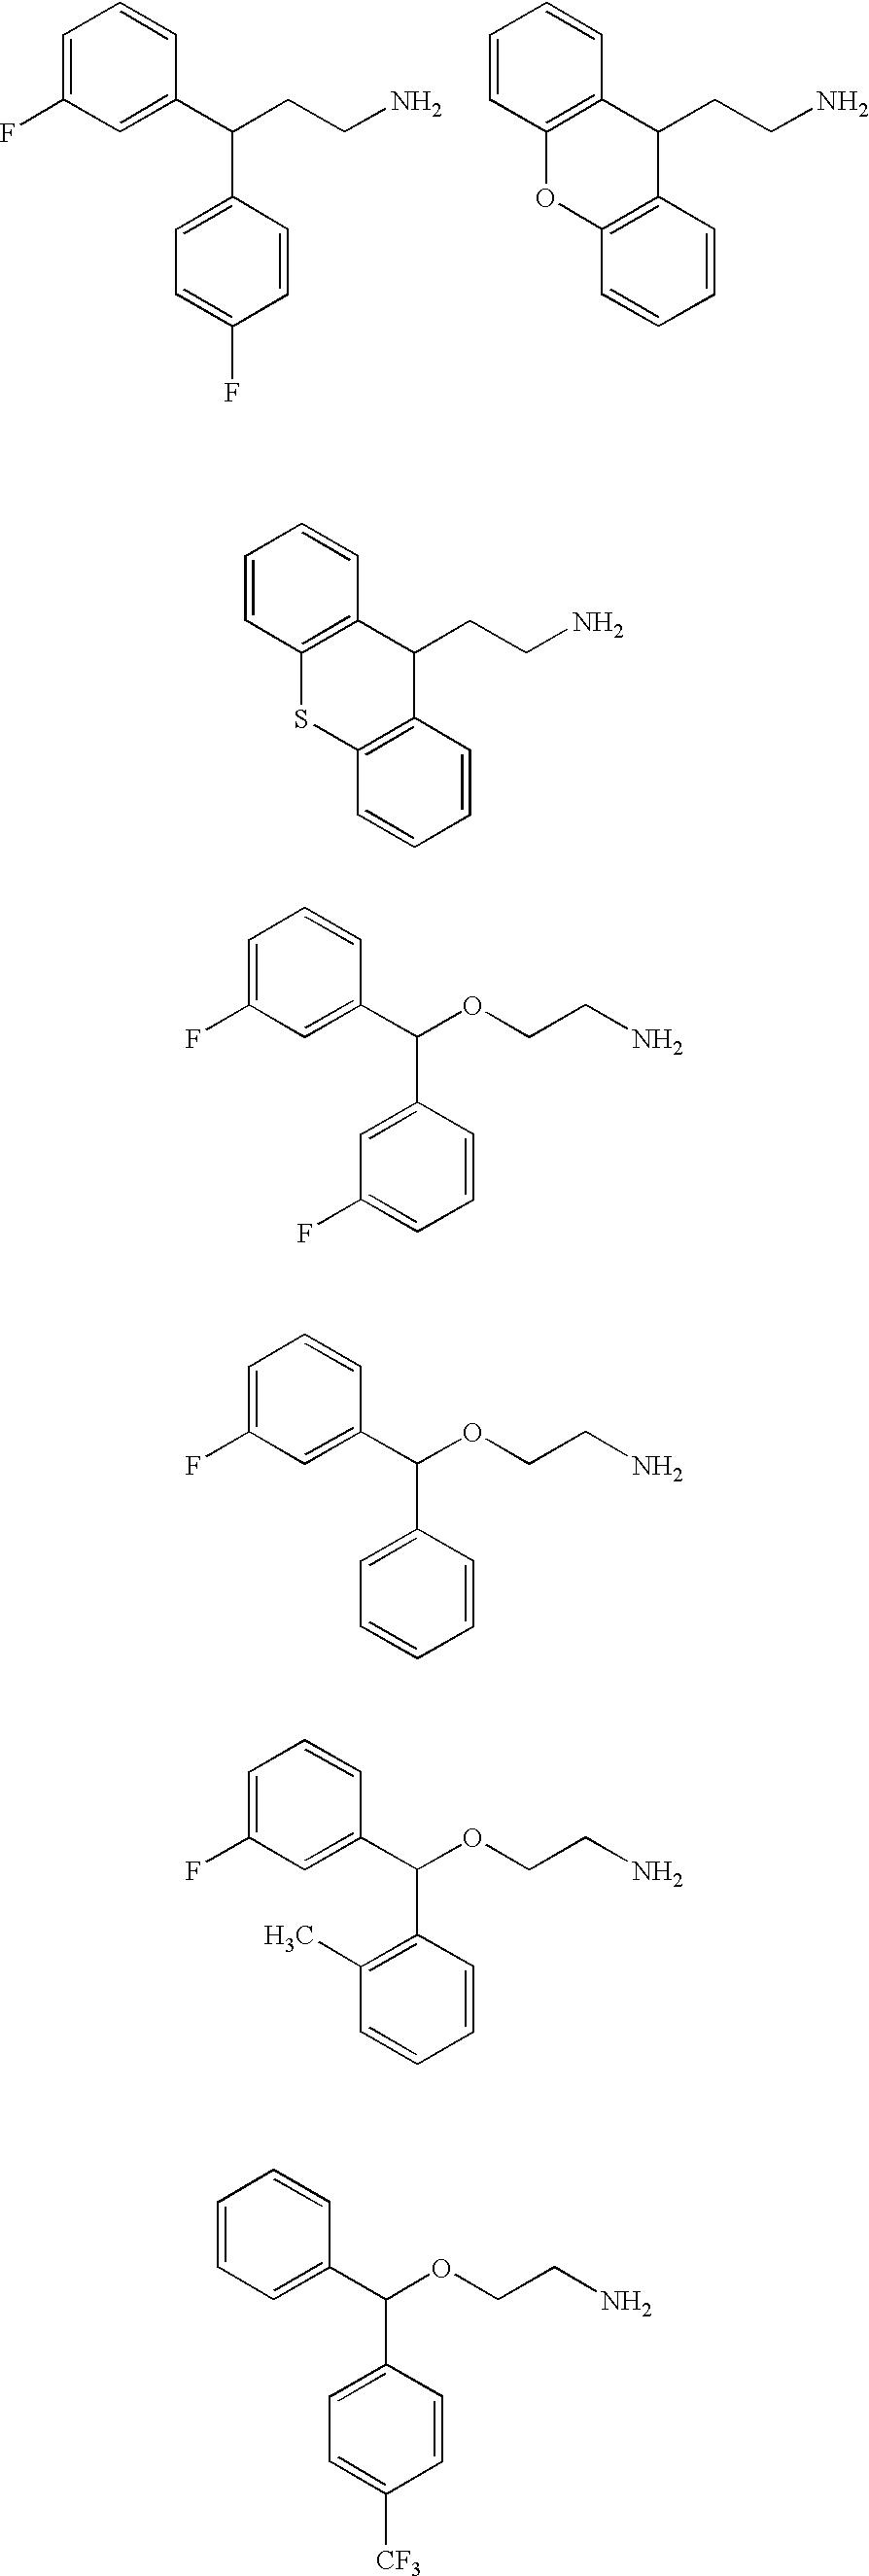 Figure US20050282859A1-20051222-C00031